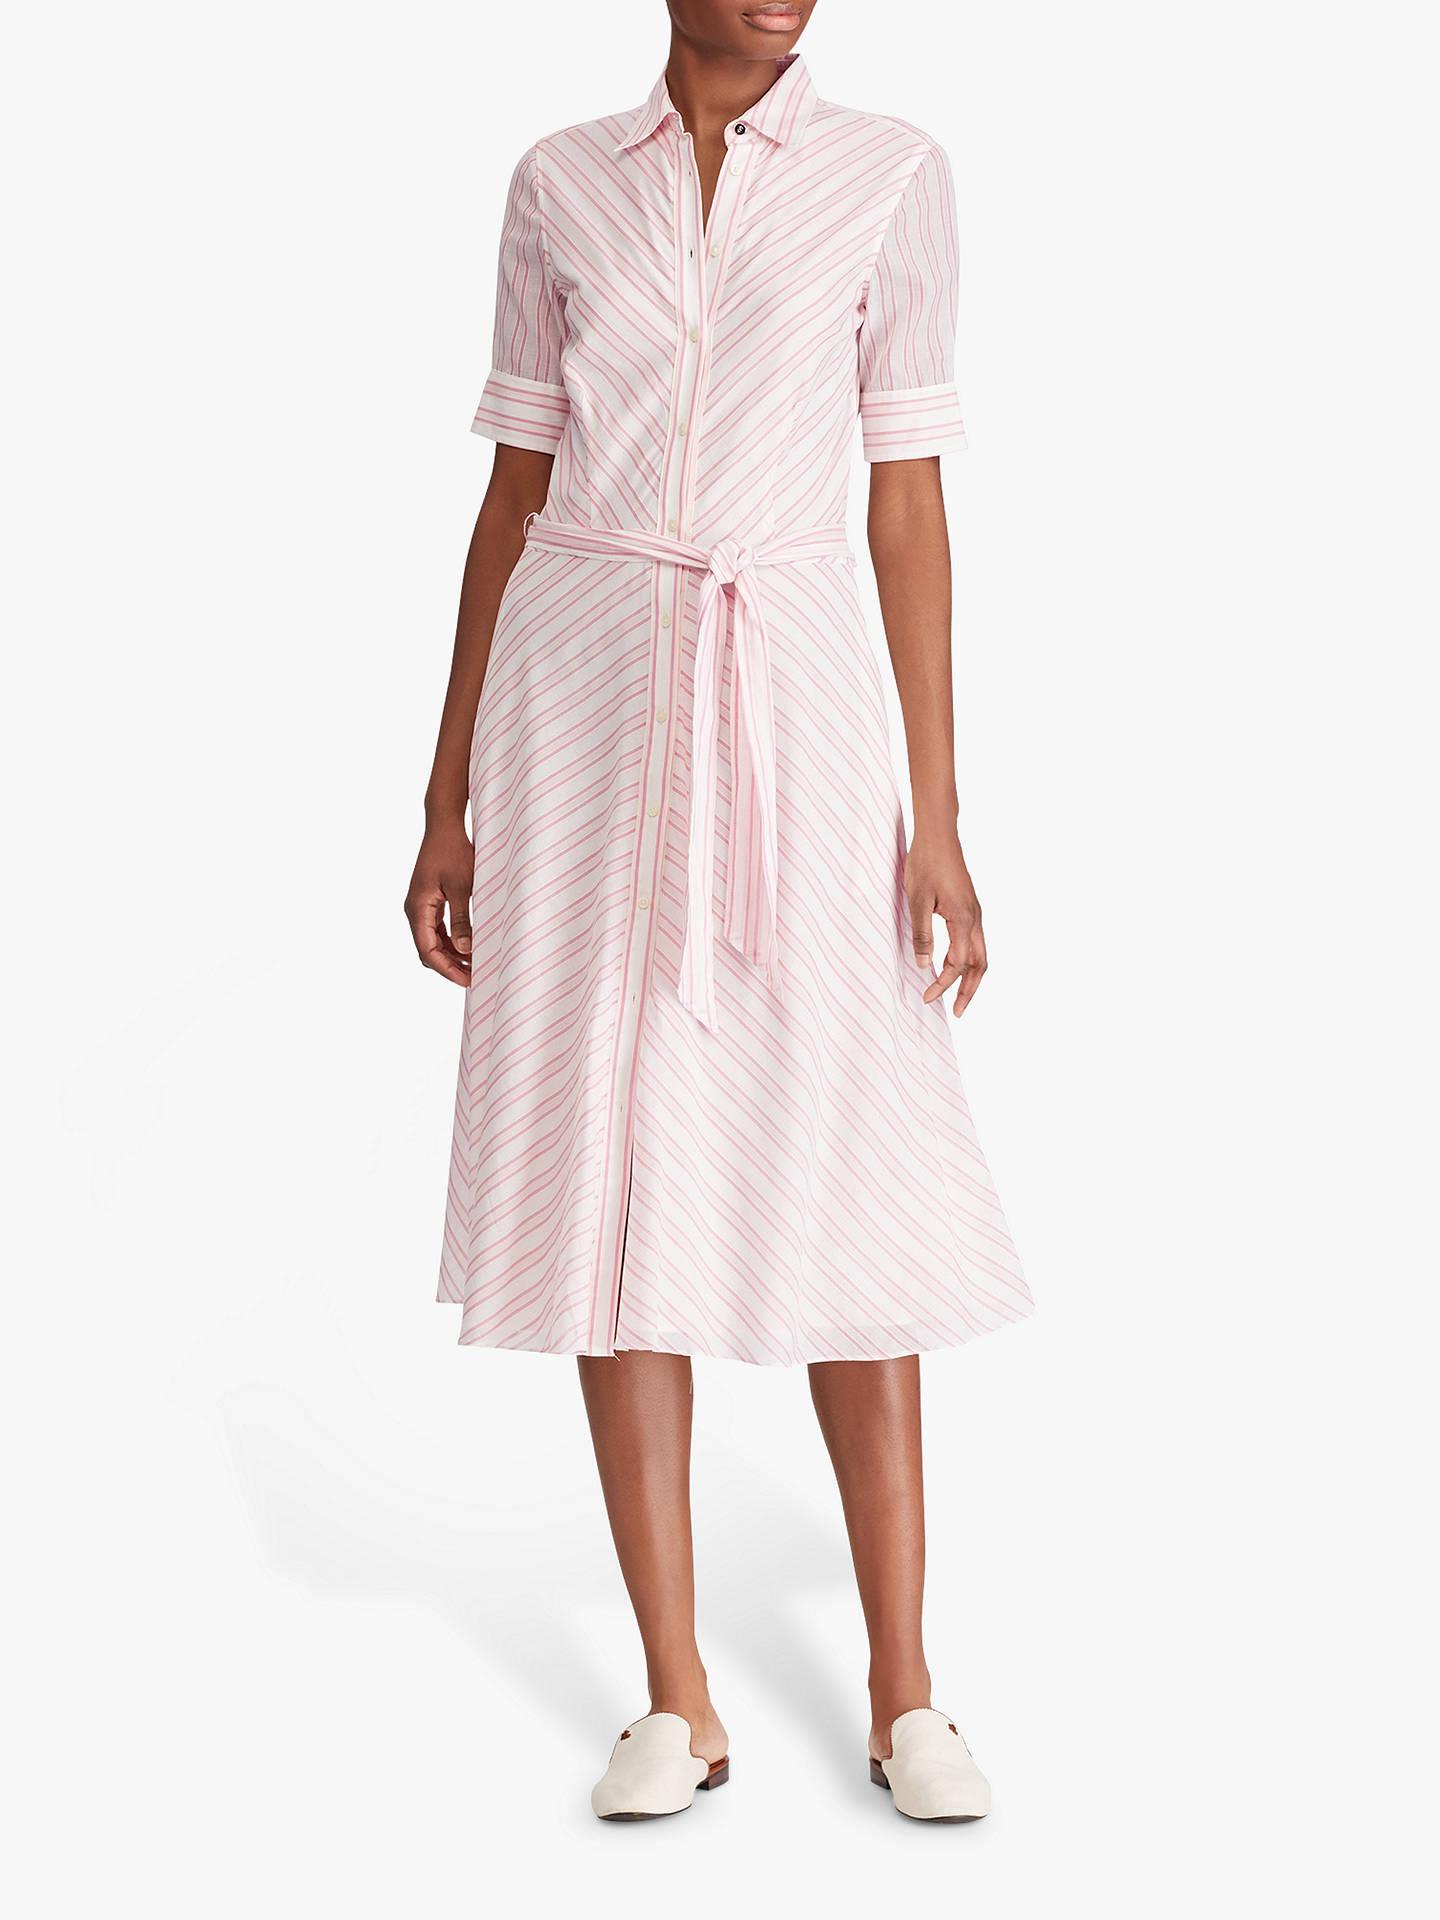 65f6f95bea46 Buy Lauren Ralph Lauren Stripe Belted Shirt Dress